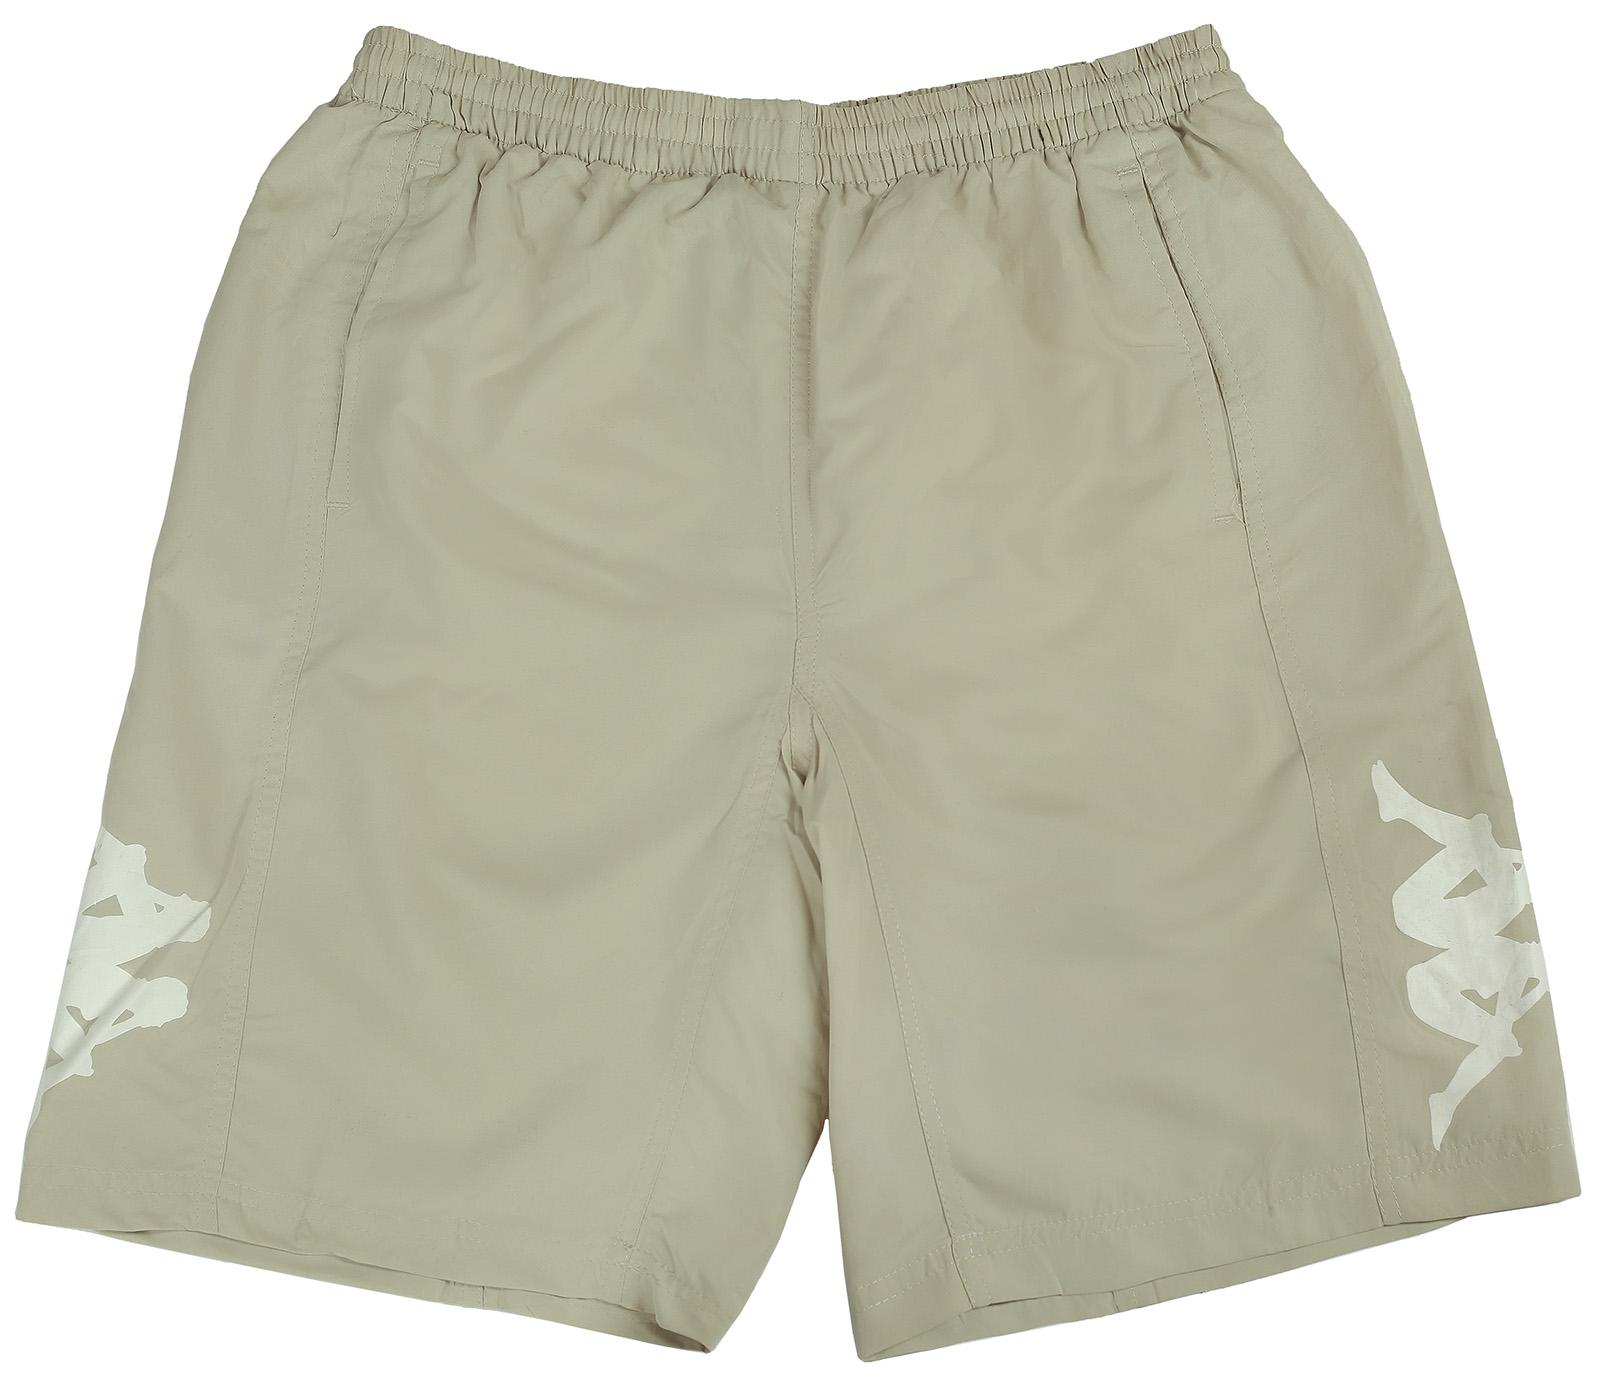 Мужские шорты Kappa - купить в интернет-магазине с доставкой